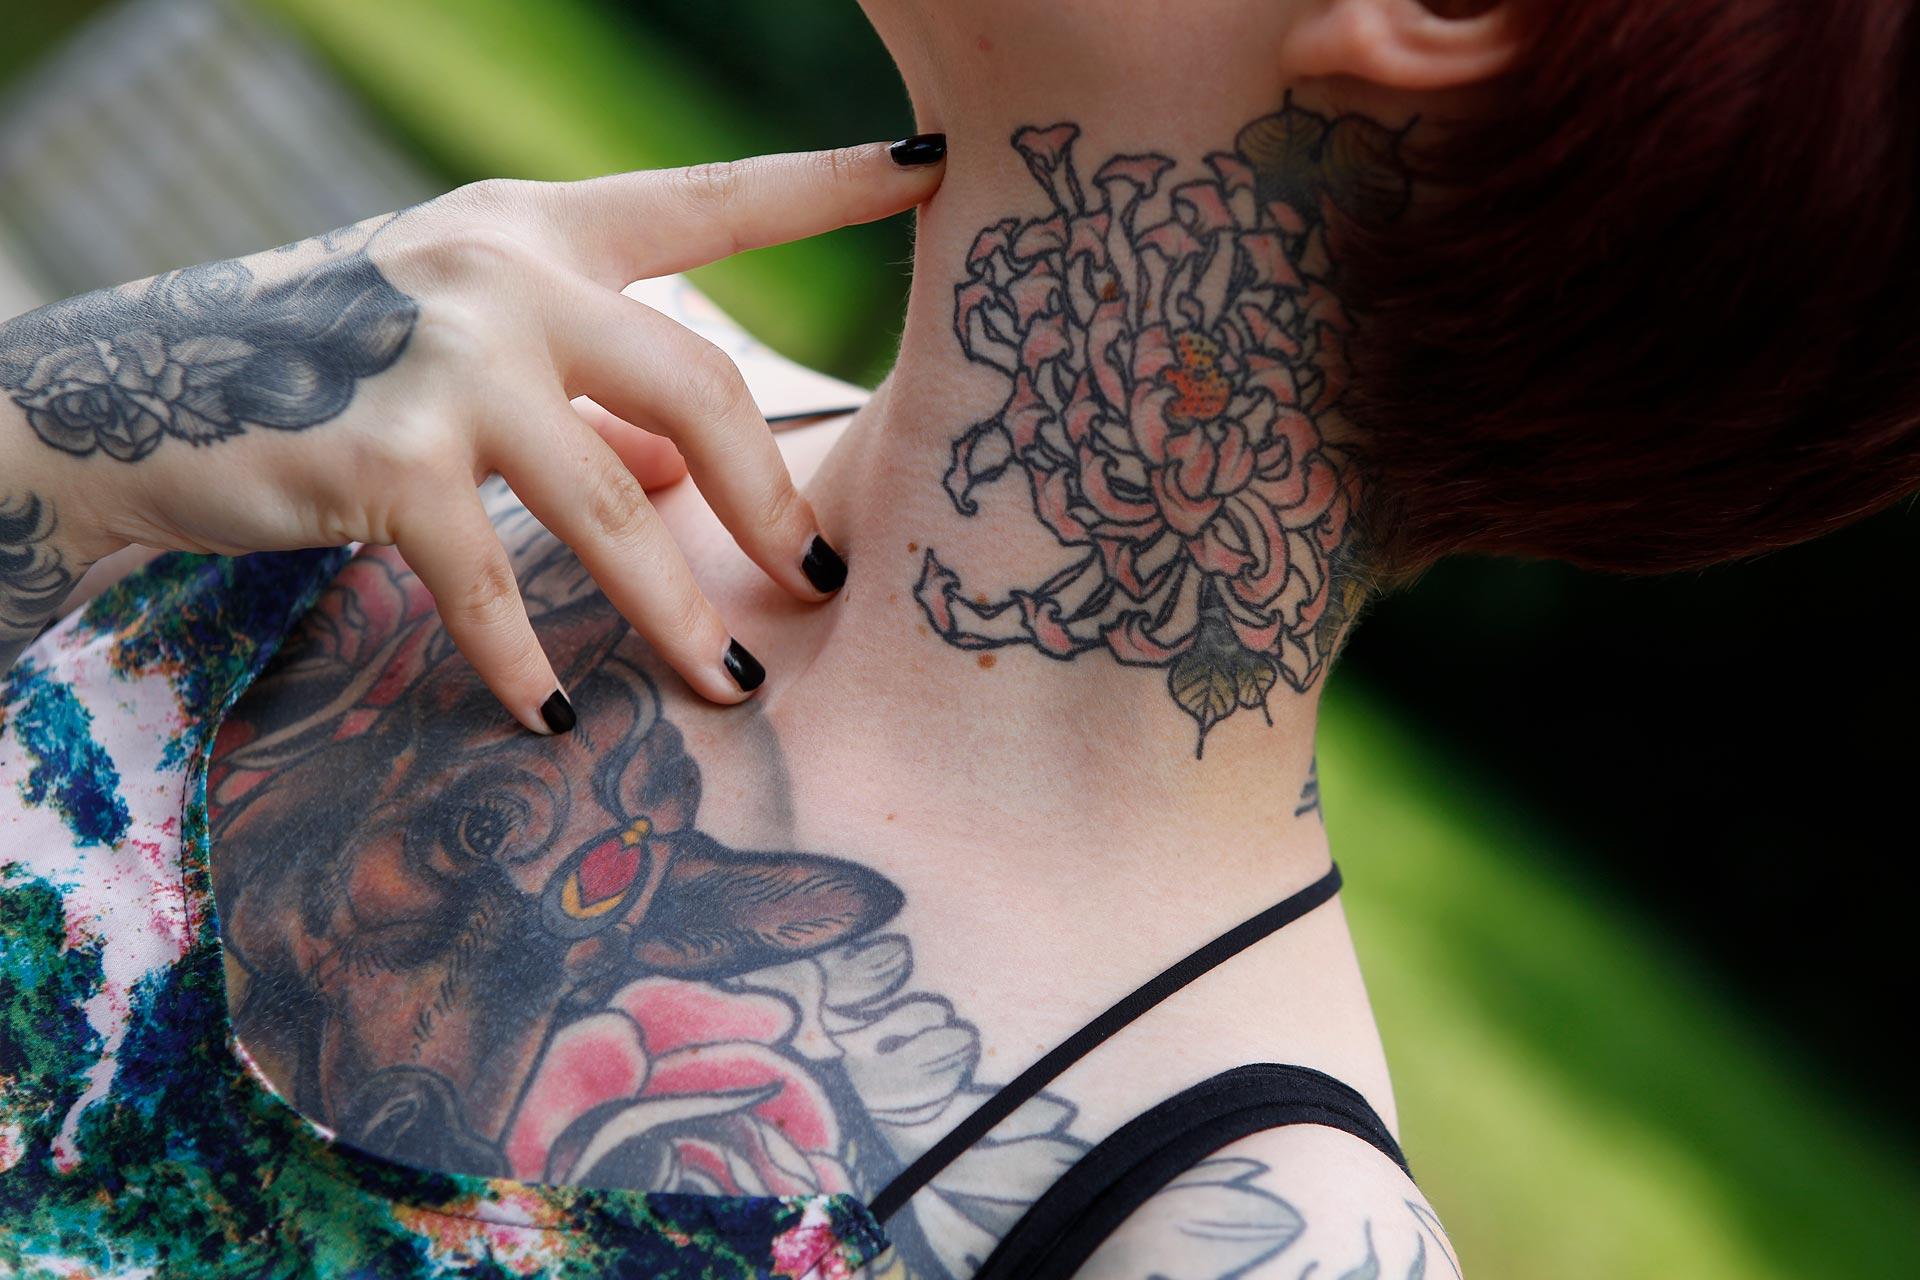 Nastassja van der Weyden hat huete dutzende Tattoos, von verschiedenen Künstlern in verschiedenen Stilen.